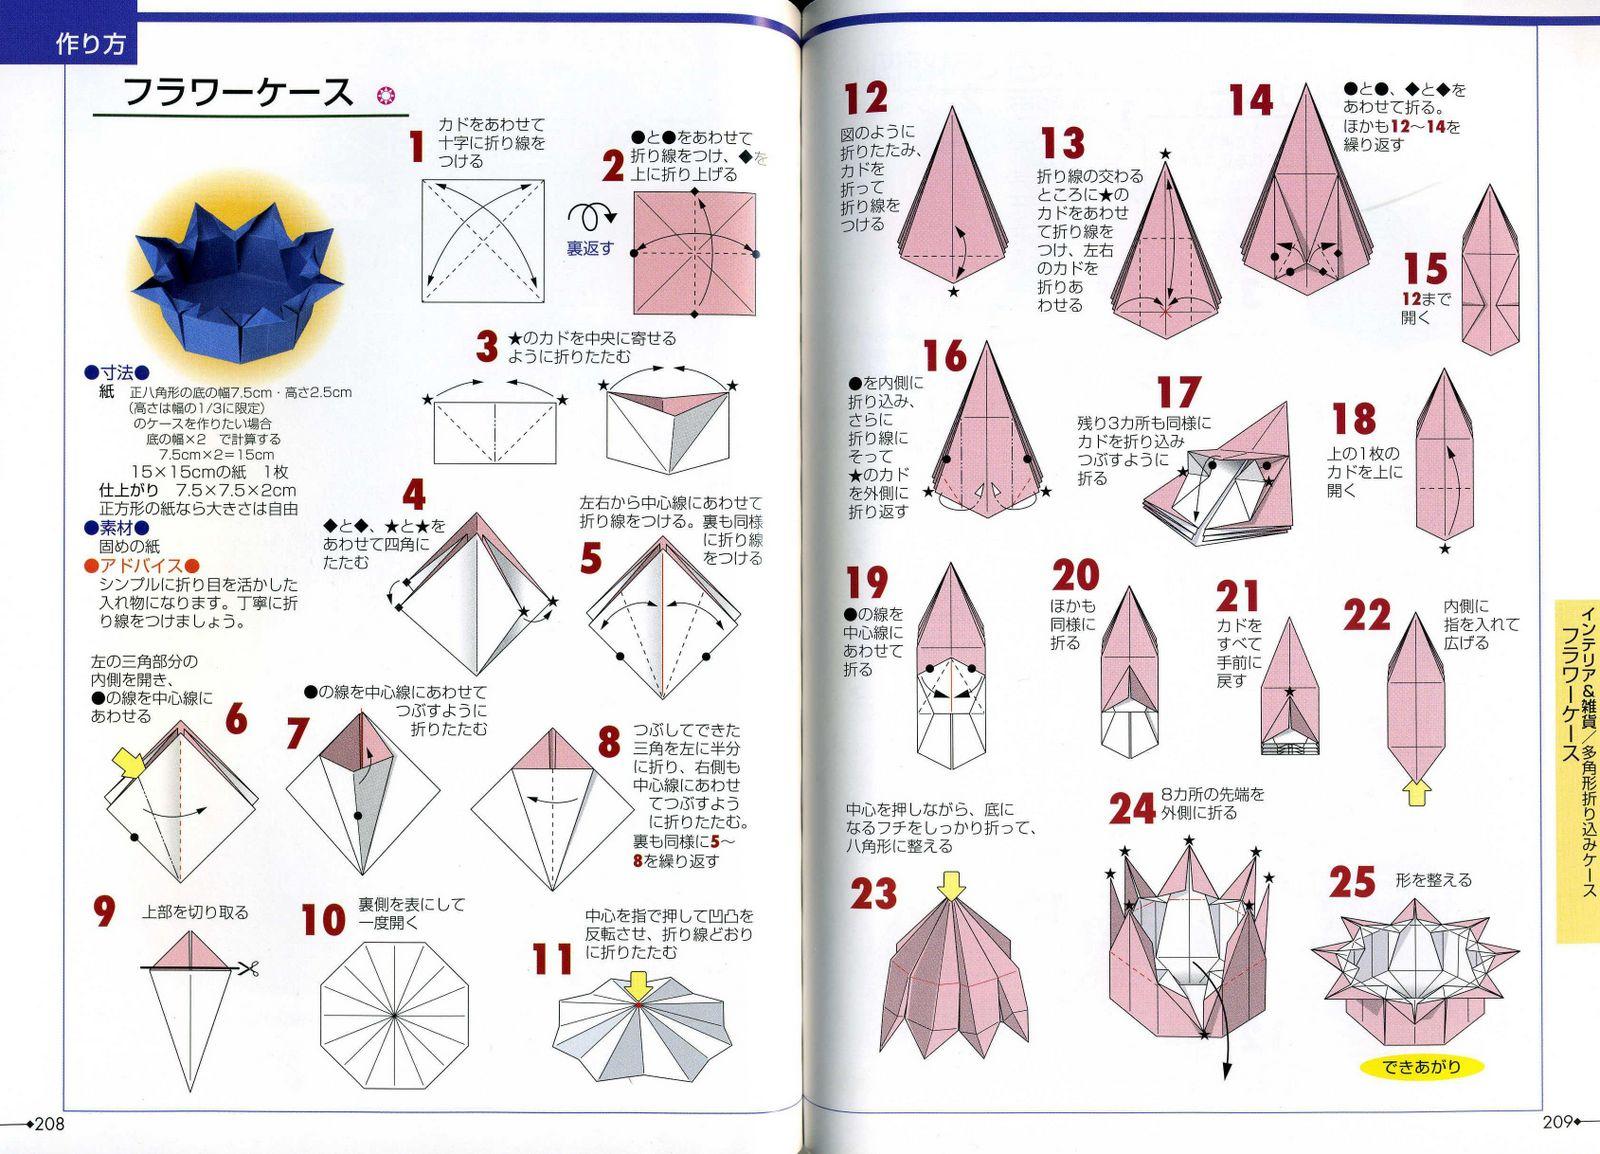 Фото Seibido_Shuppan_Sha_Jitsuyou_Origami (107).jpg